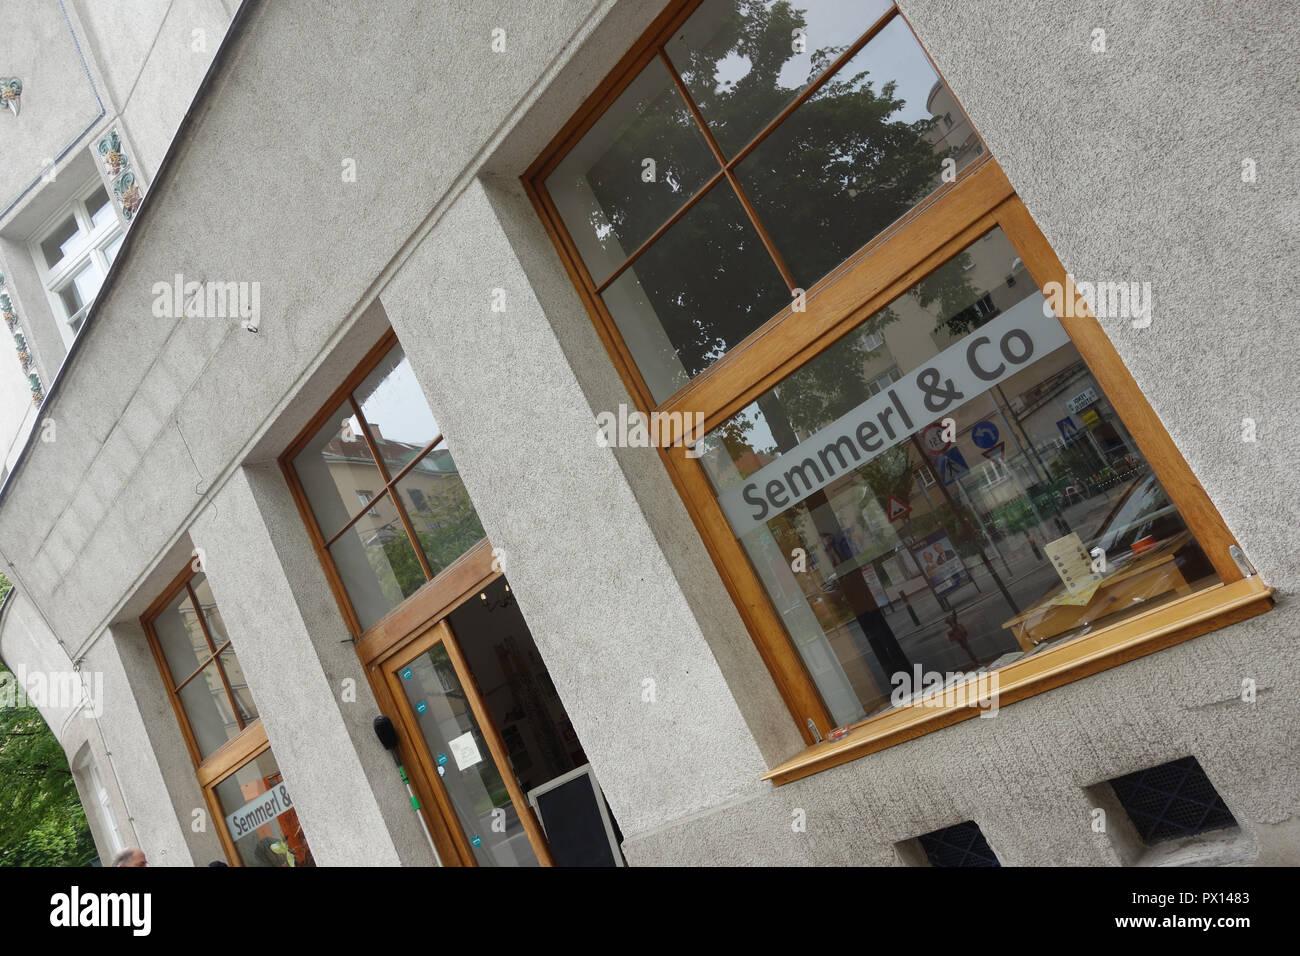 Wien, Gemeindebau des 'Roten Wien' - Vienna, Council Tenement Block, 'Red Vienna', Greisslerei 'Semmerl' im Metzleinstaler-Hof, Margaretengürtel 90–98 Stock Photo